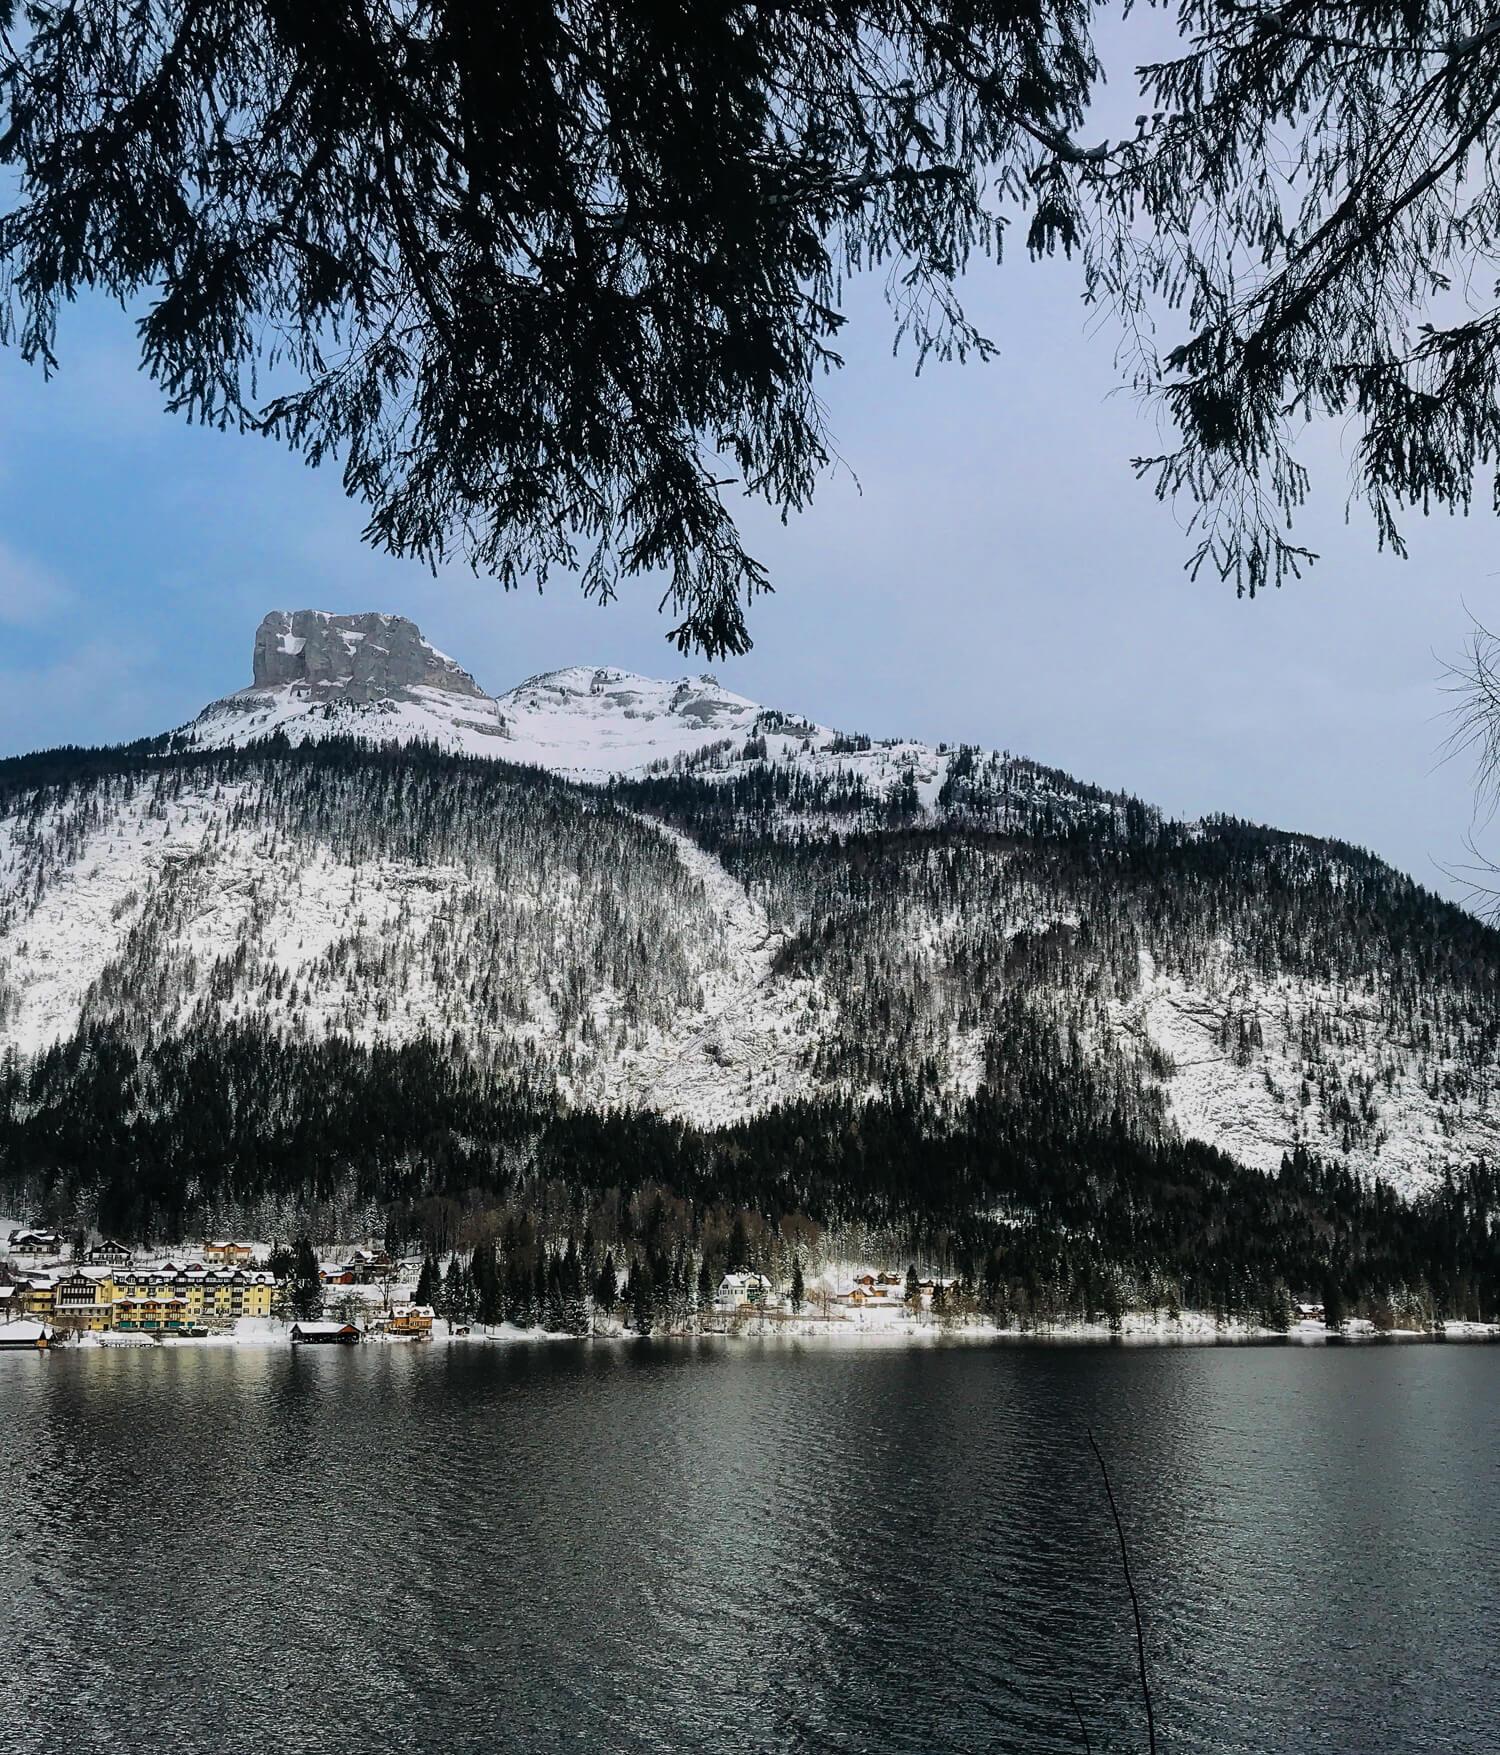 Loser vom Altauseer See